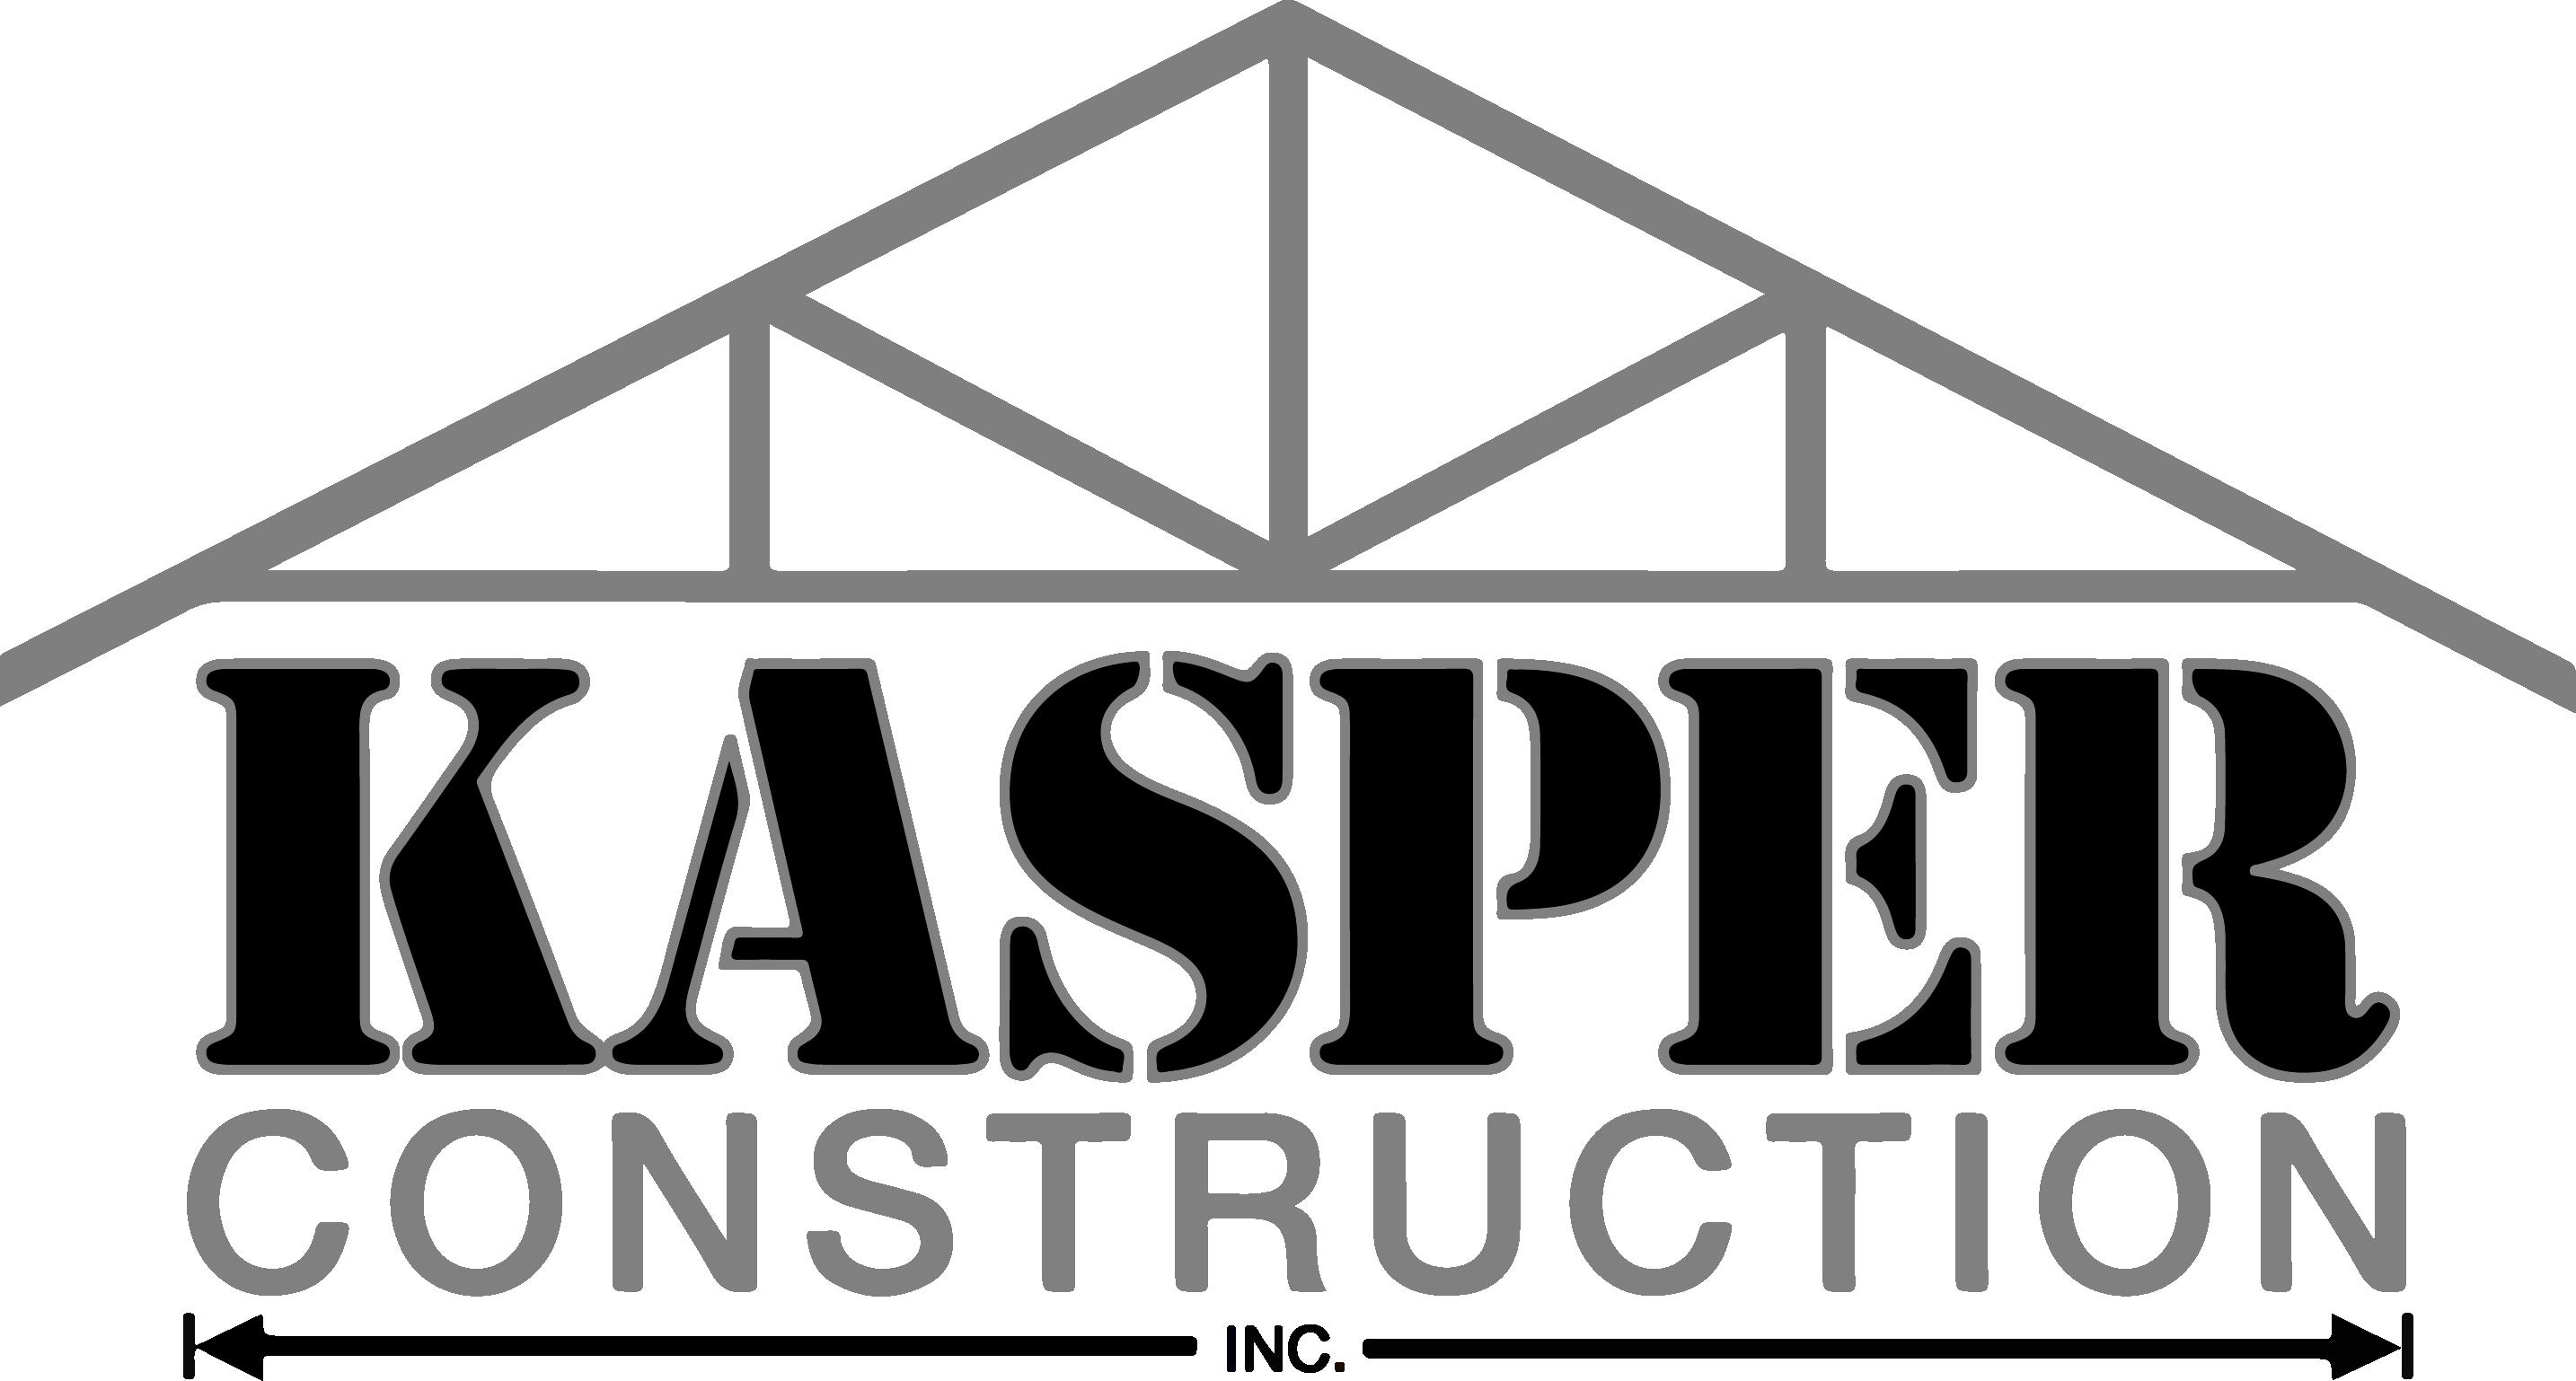 Kasper Construction